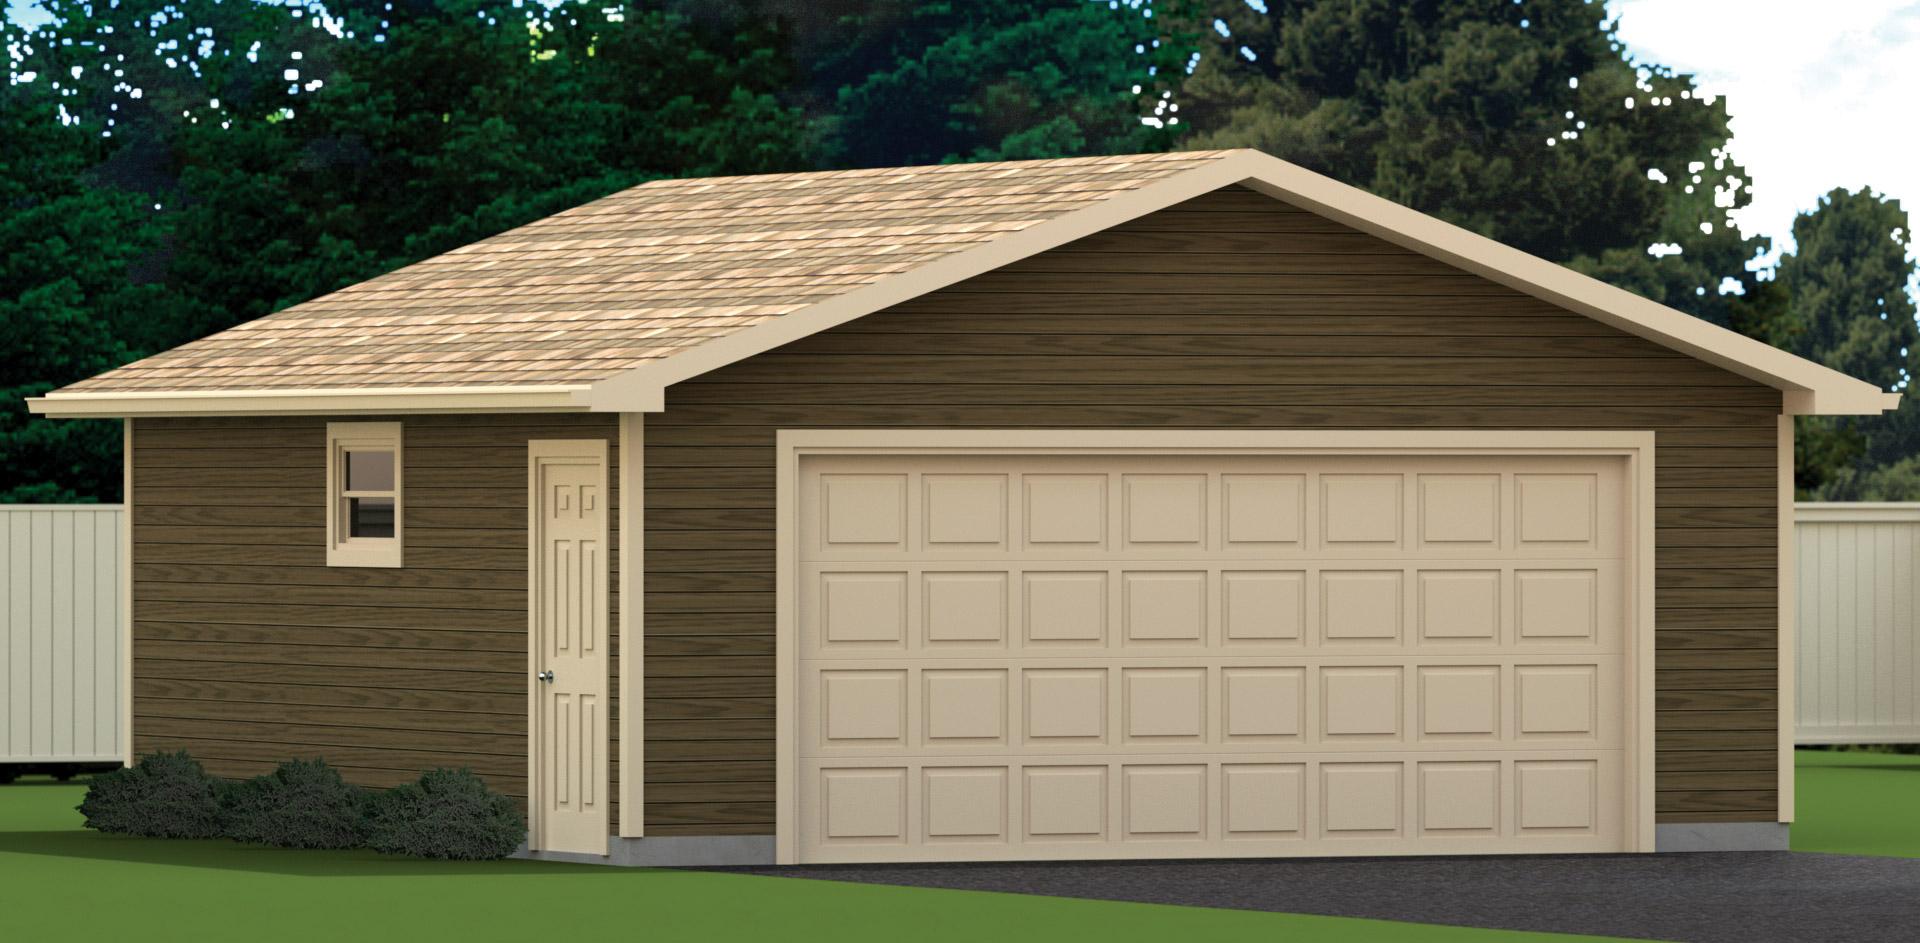 22 x 24 garage